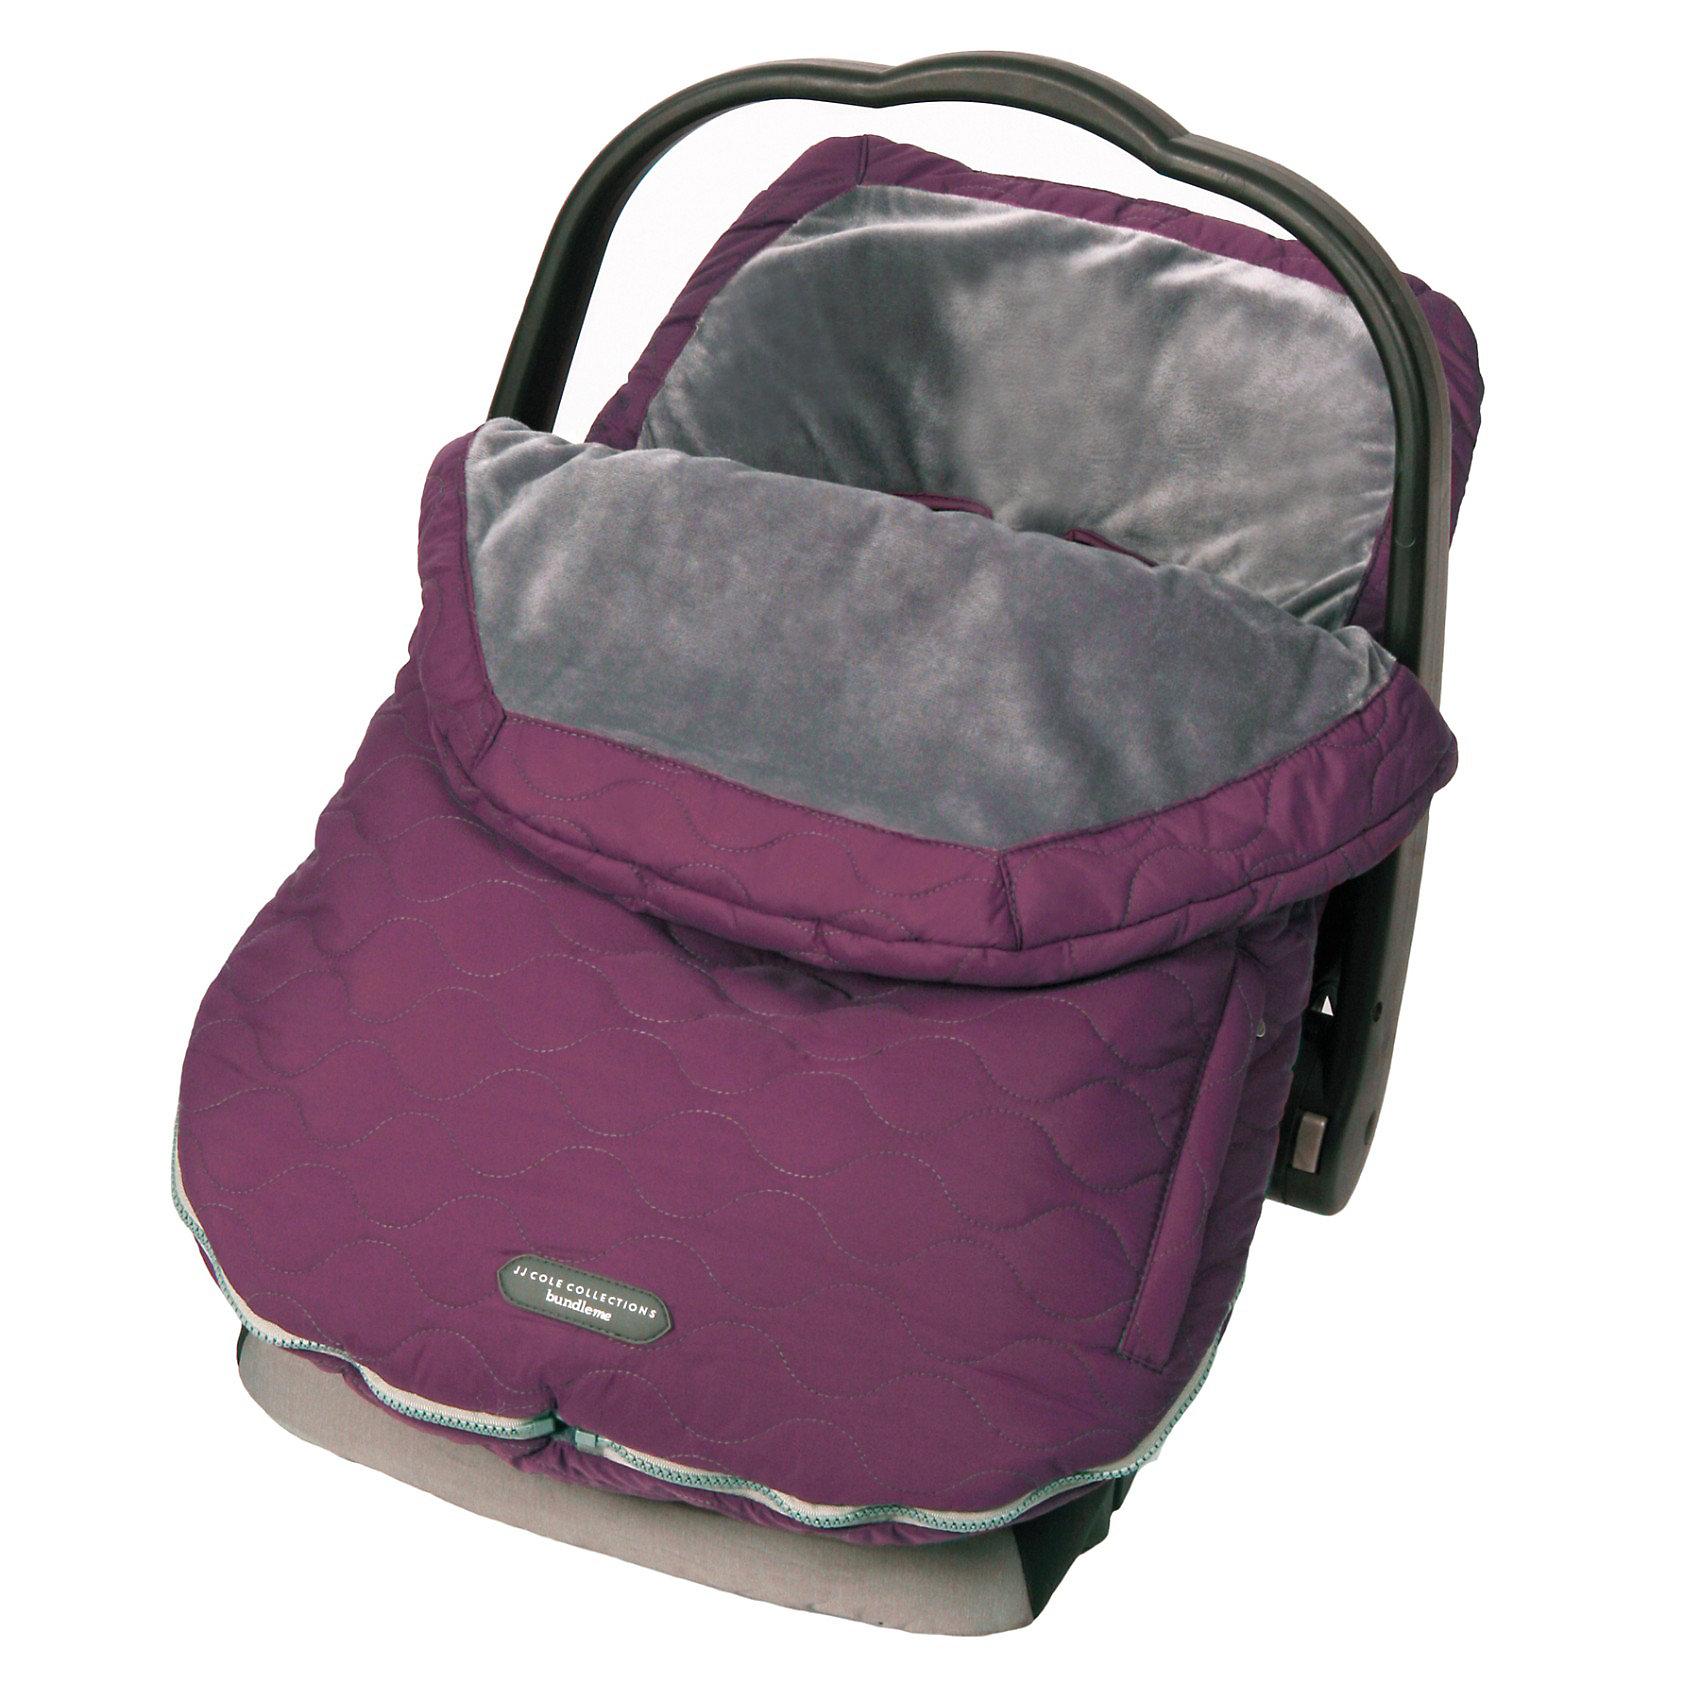 Спальный мешок в люльку Urban Bundle Me Infant,  сливовый